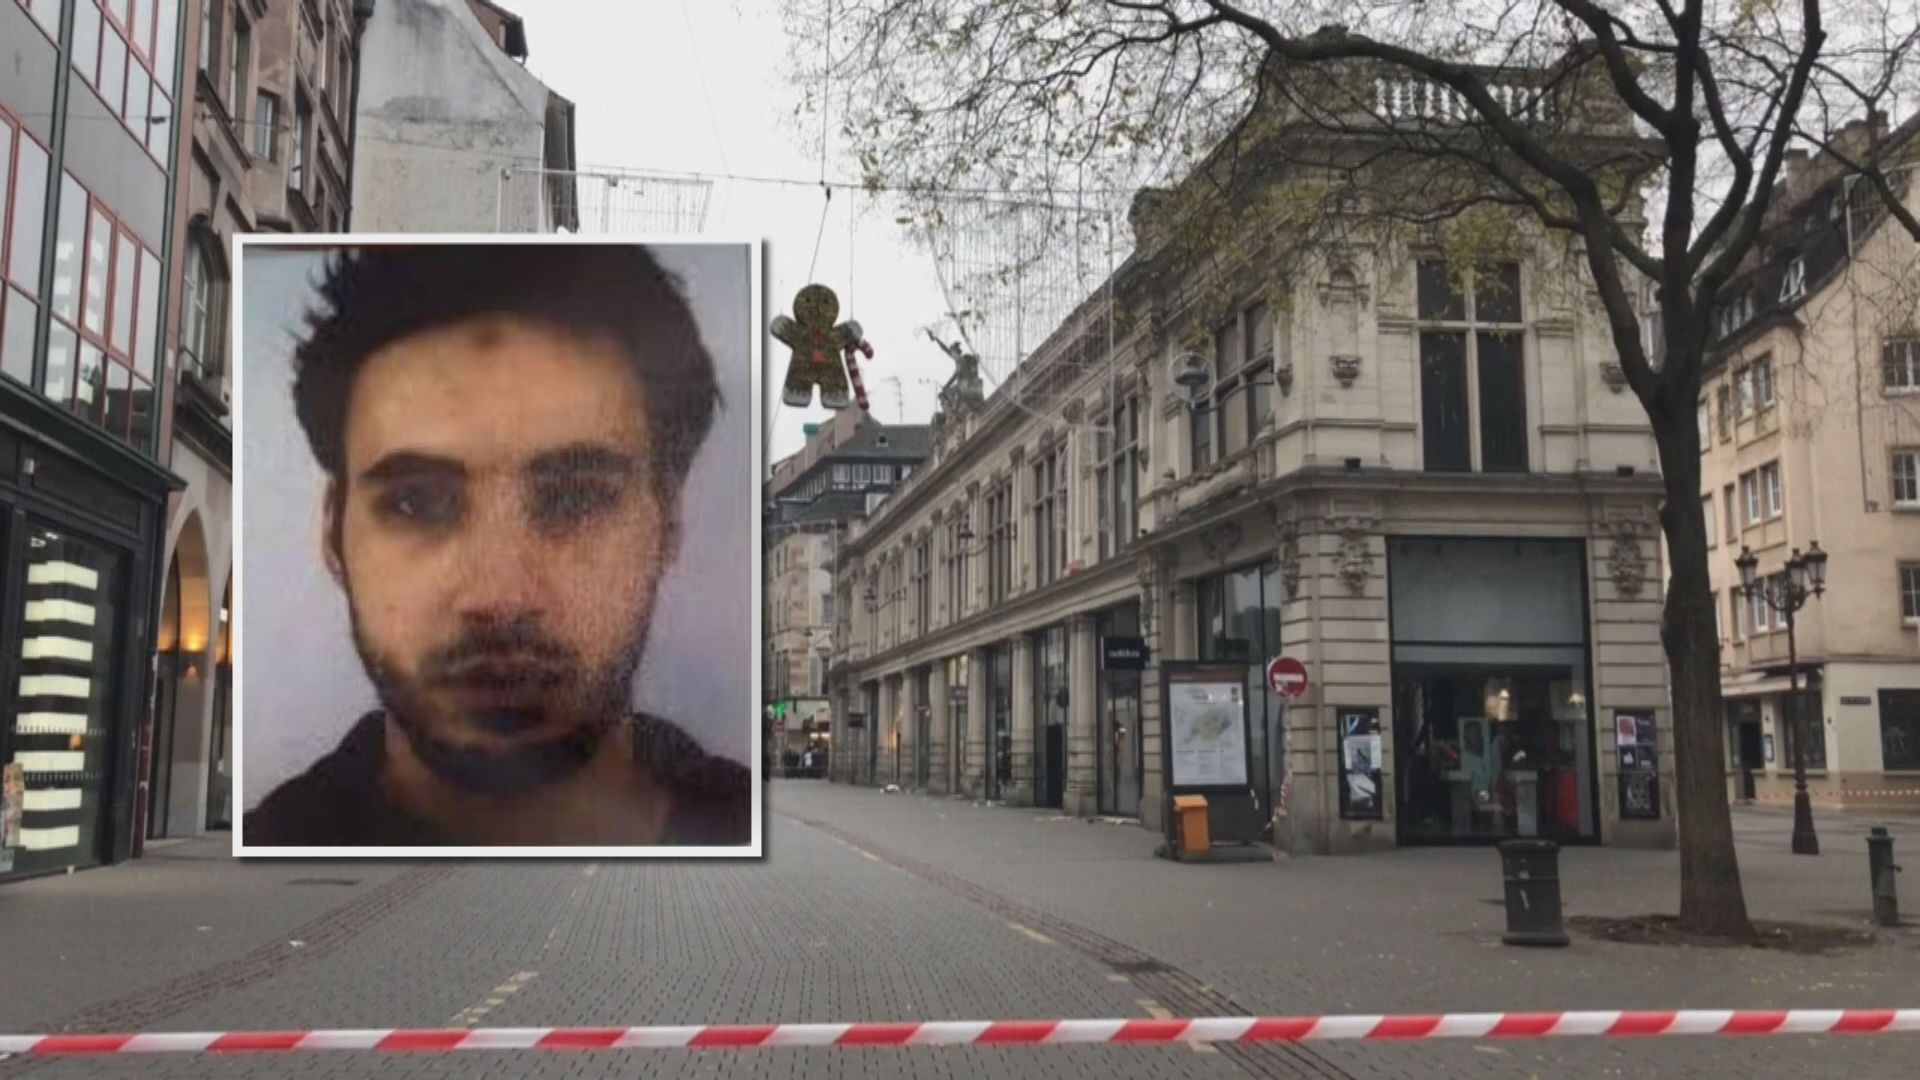 法國槍擊案疑犯或入獄期間接觸極端宗教思想